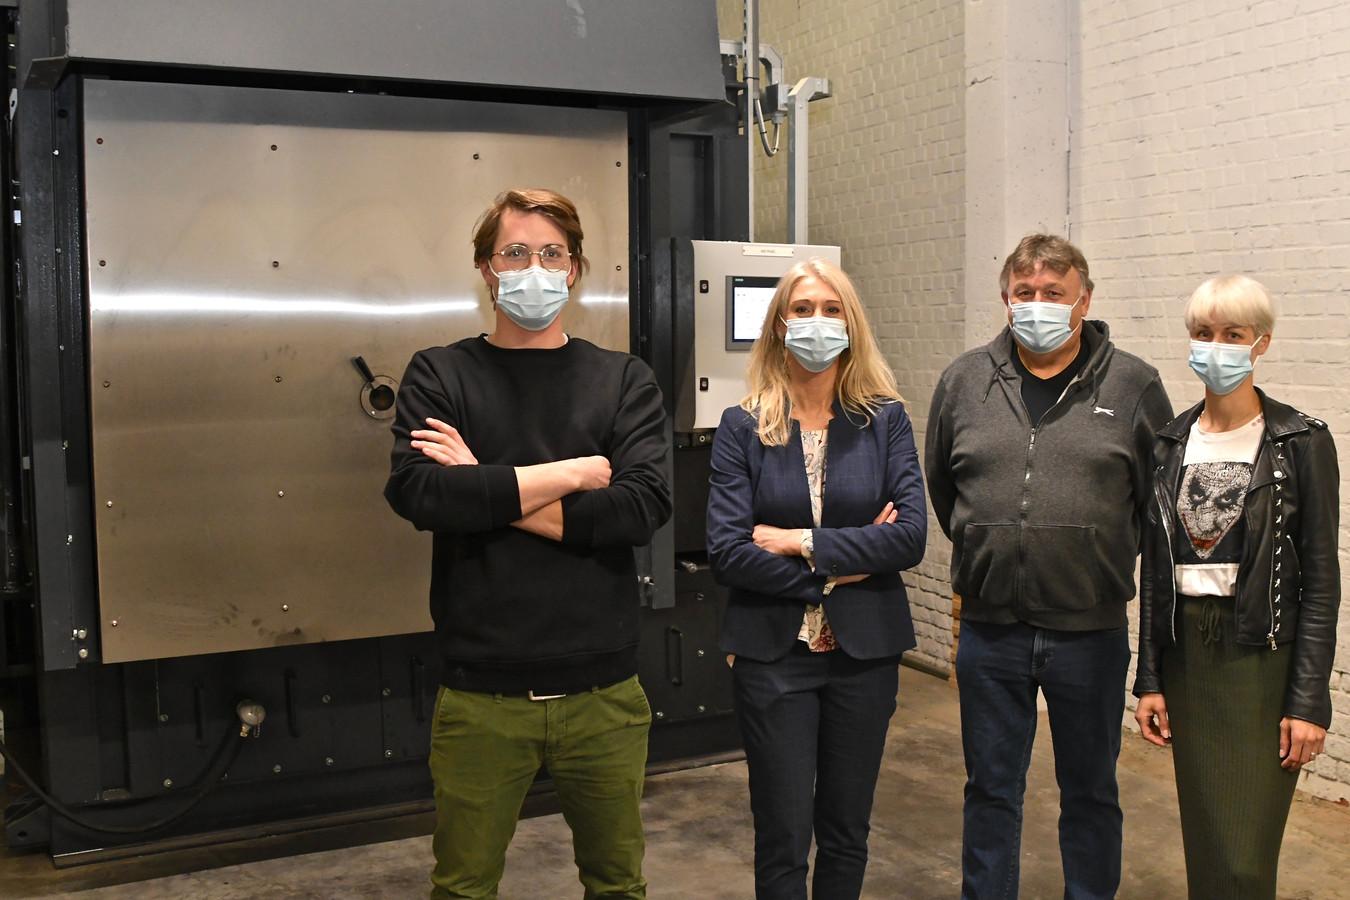 Oskar Vereenooghe, Maureen Schreel, Peter Landuyt en Ines Lamote bij de nieuwe paardenoven.